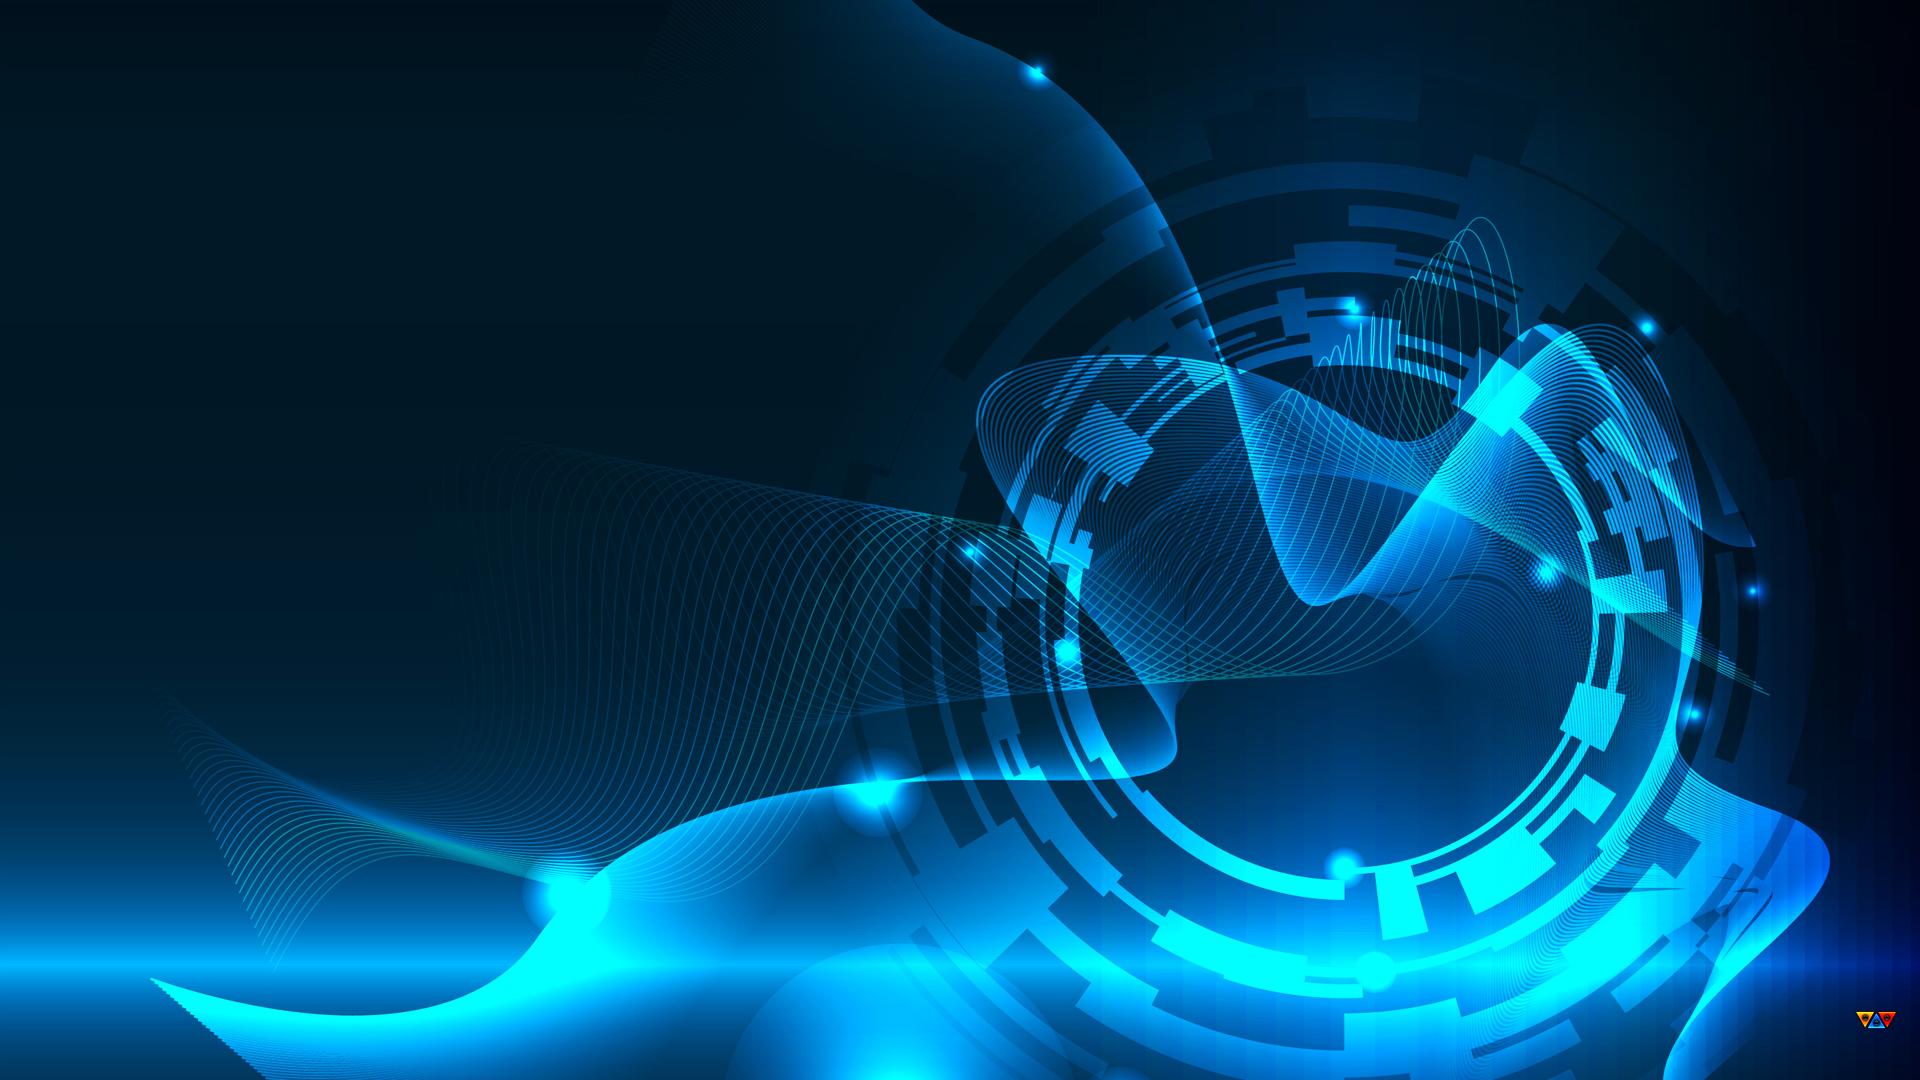 wallpaper hd 1920x1080,blue,electric blue,light,water,technology